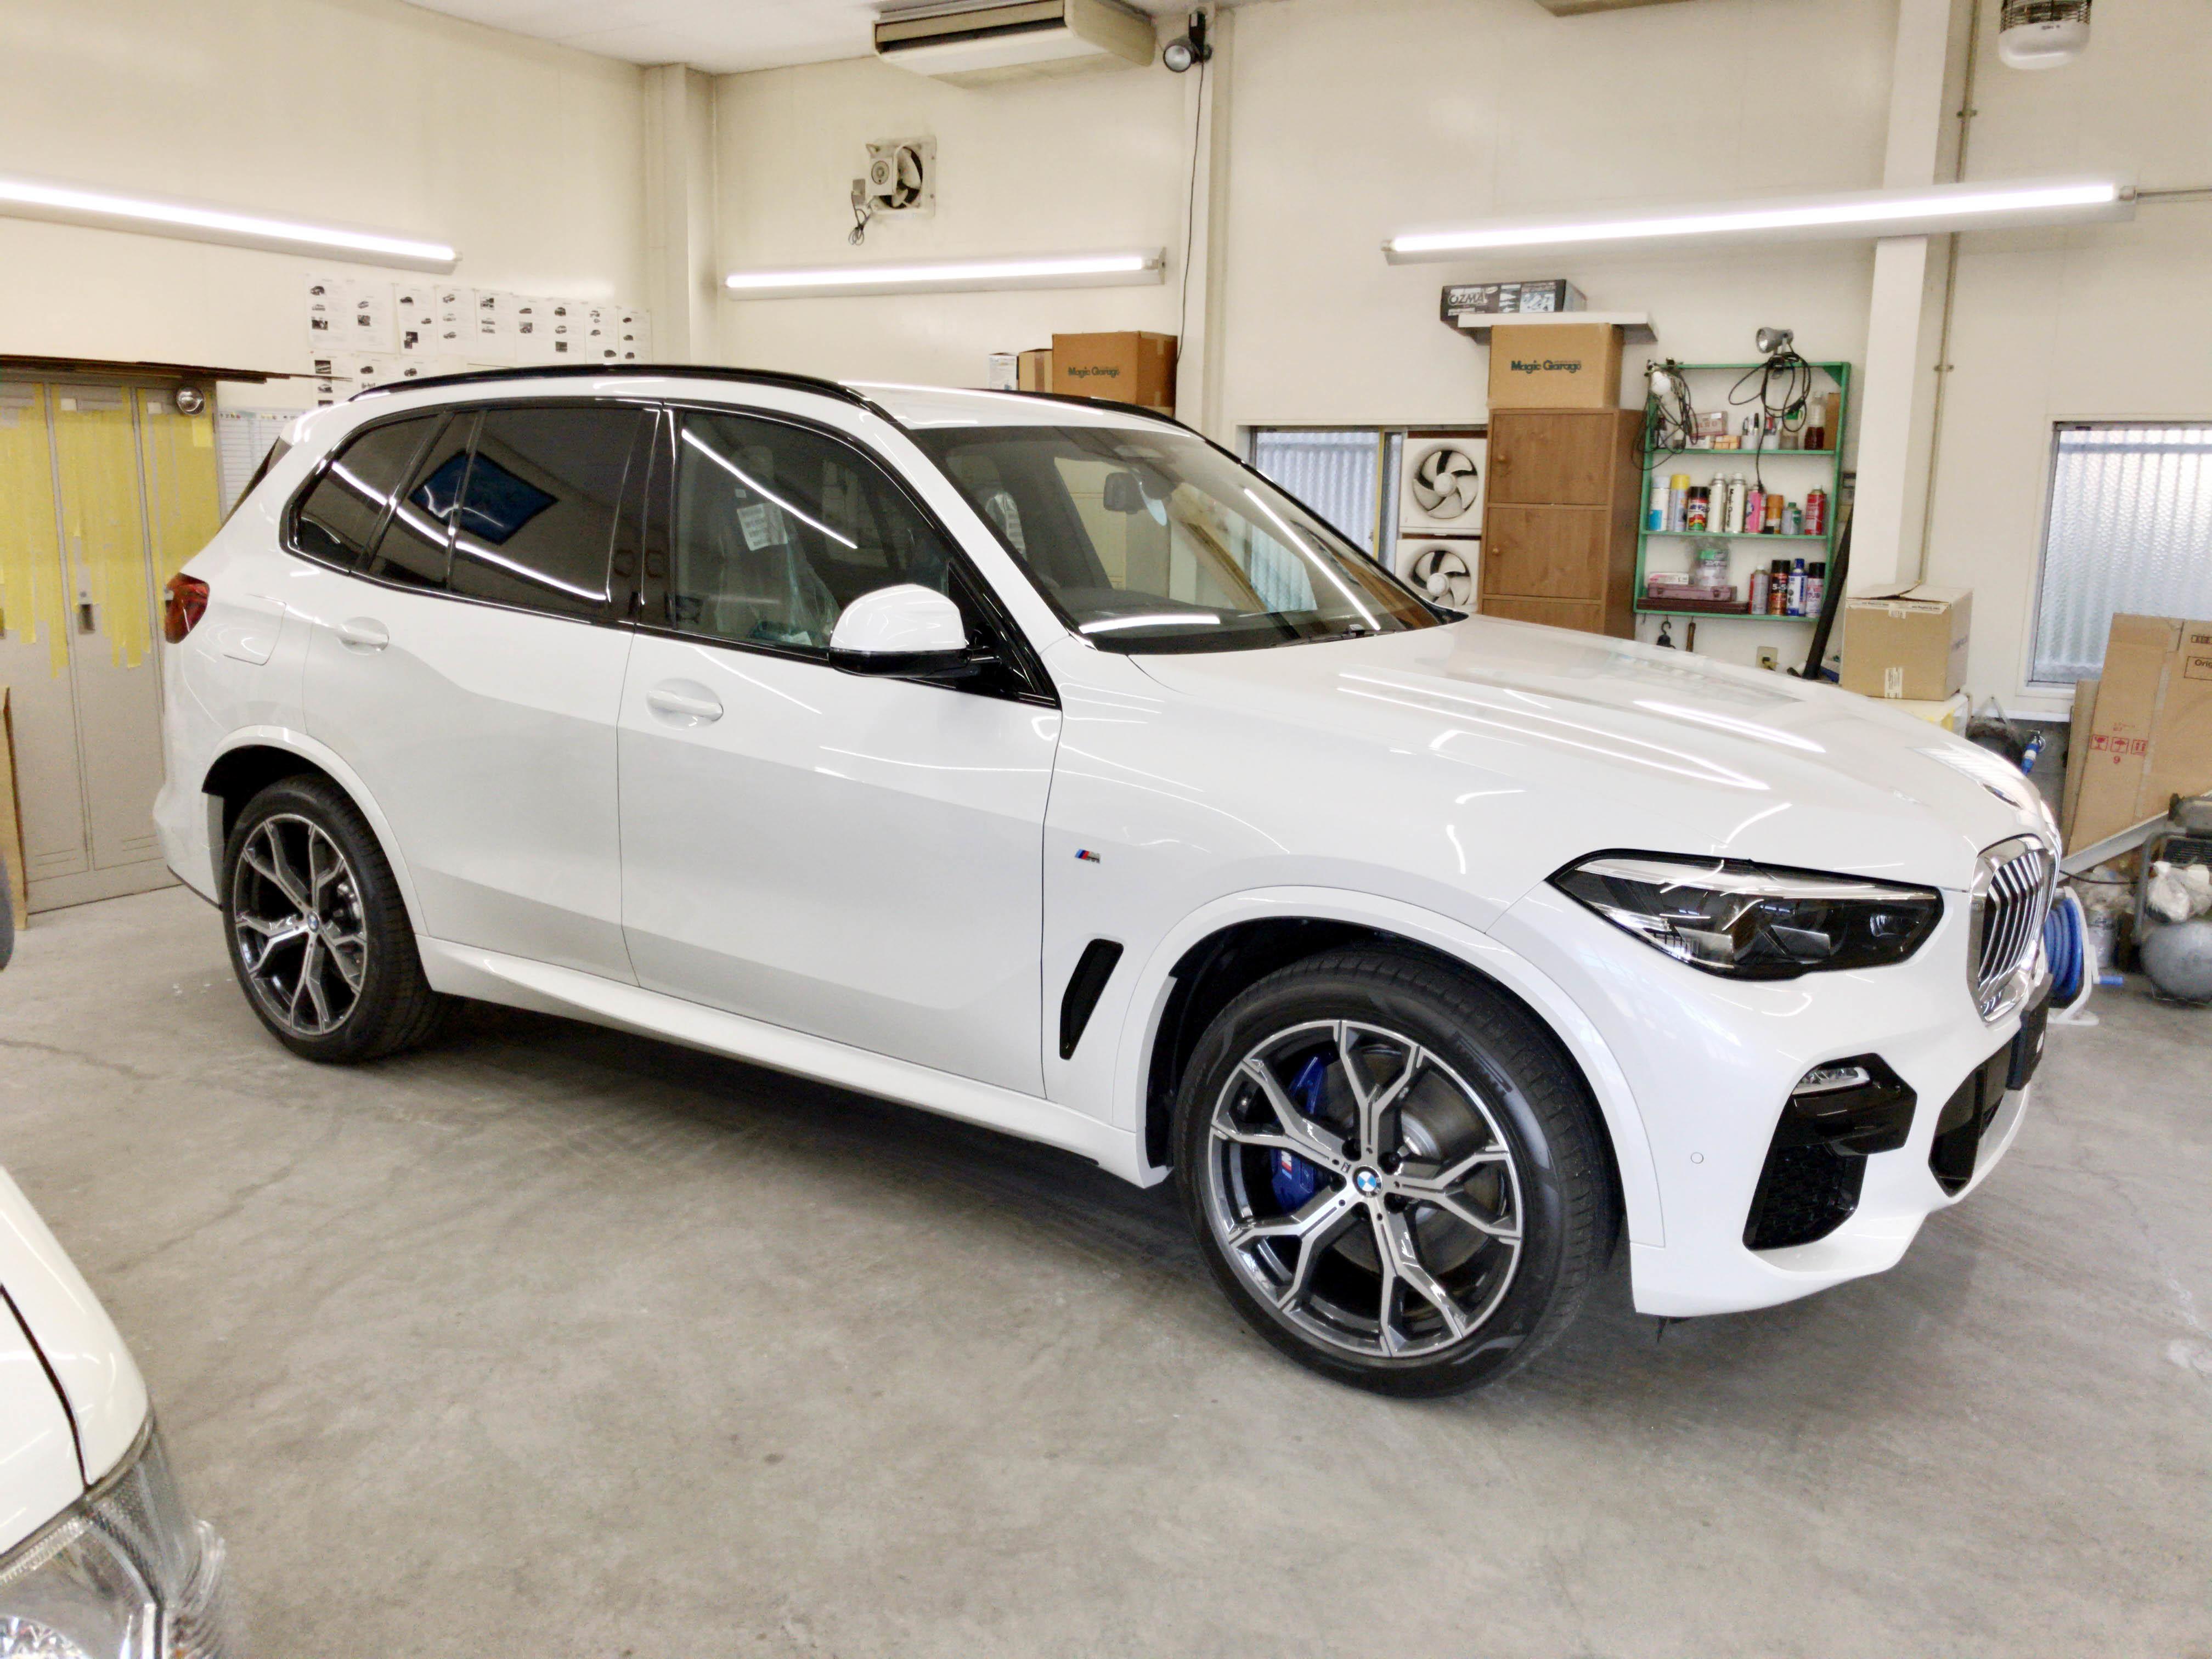 BMW X5 (F15)@クリスタルガイア & GY-15IR 02